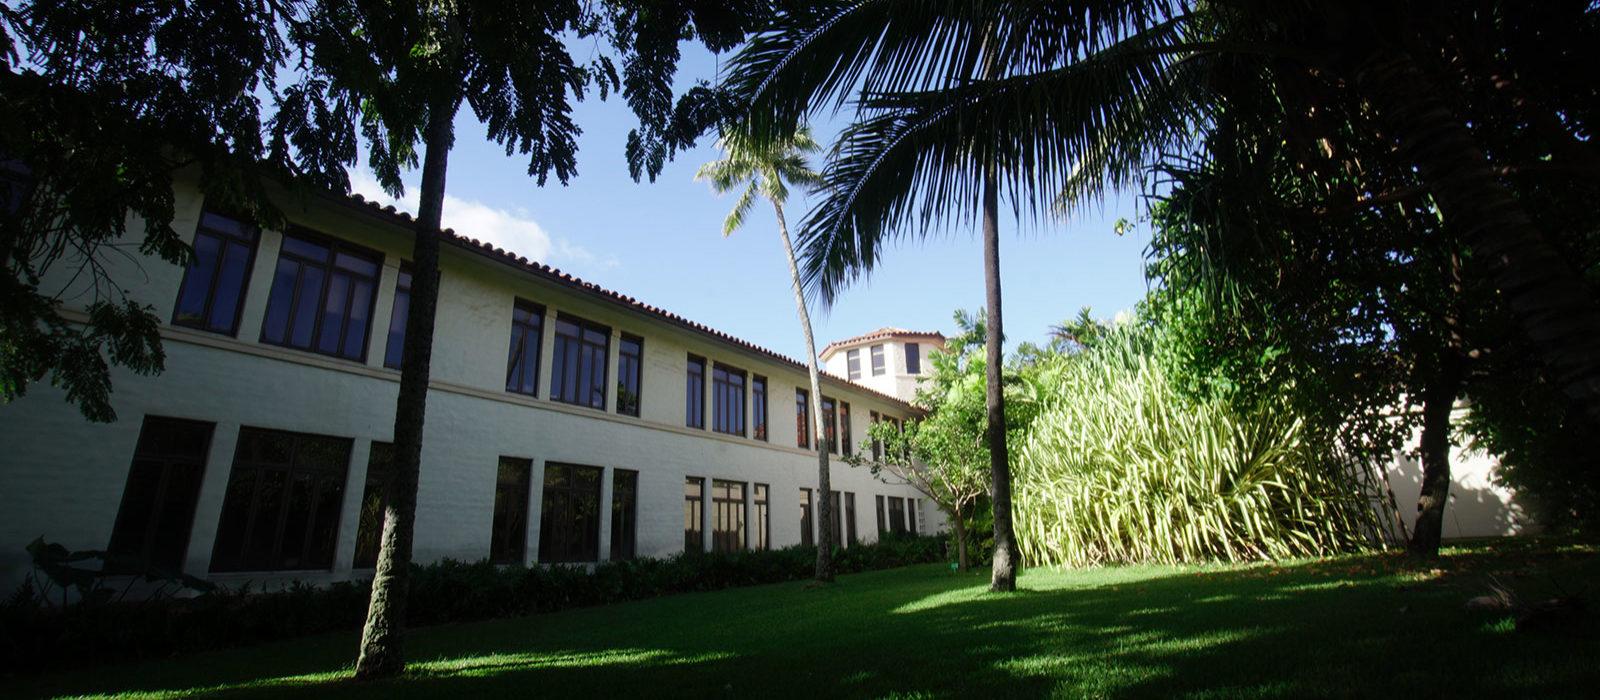 Wist Hall